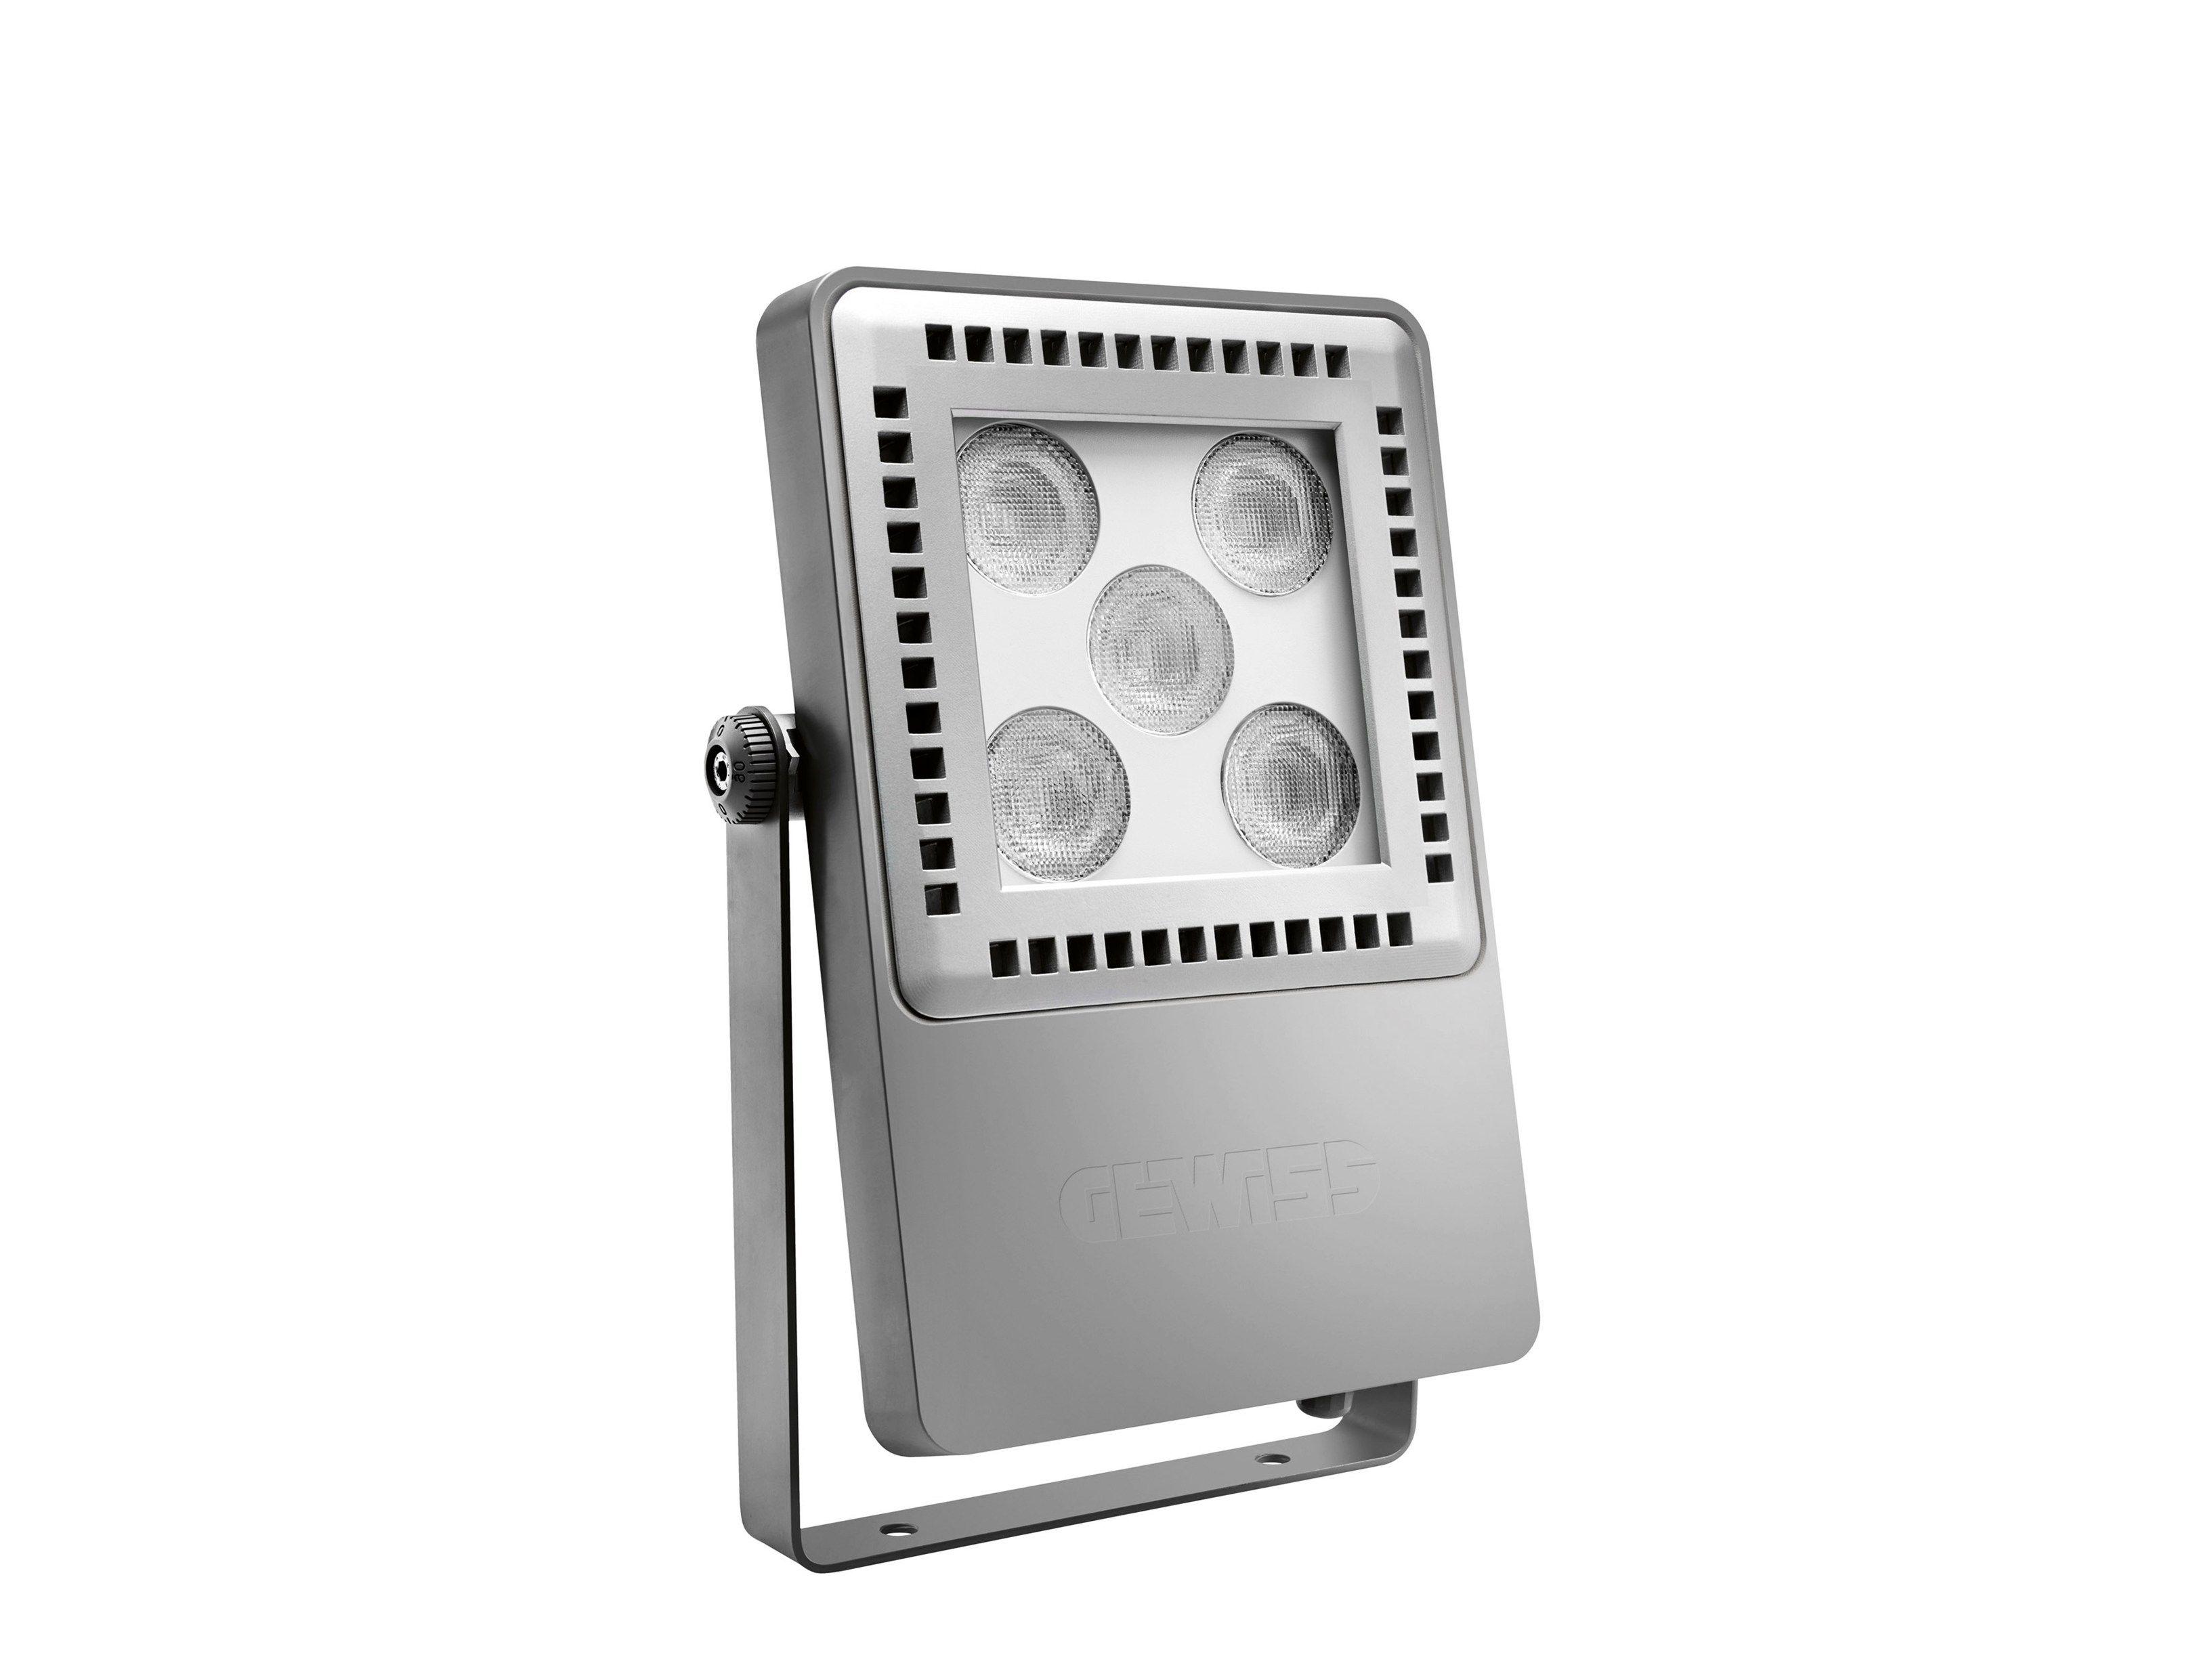 led industrial projector smart 4 fl by gewiss. Black Bedroom Furniture Sets. Home Design Ideas